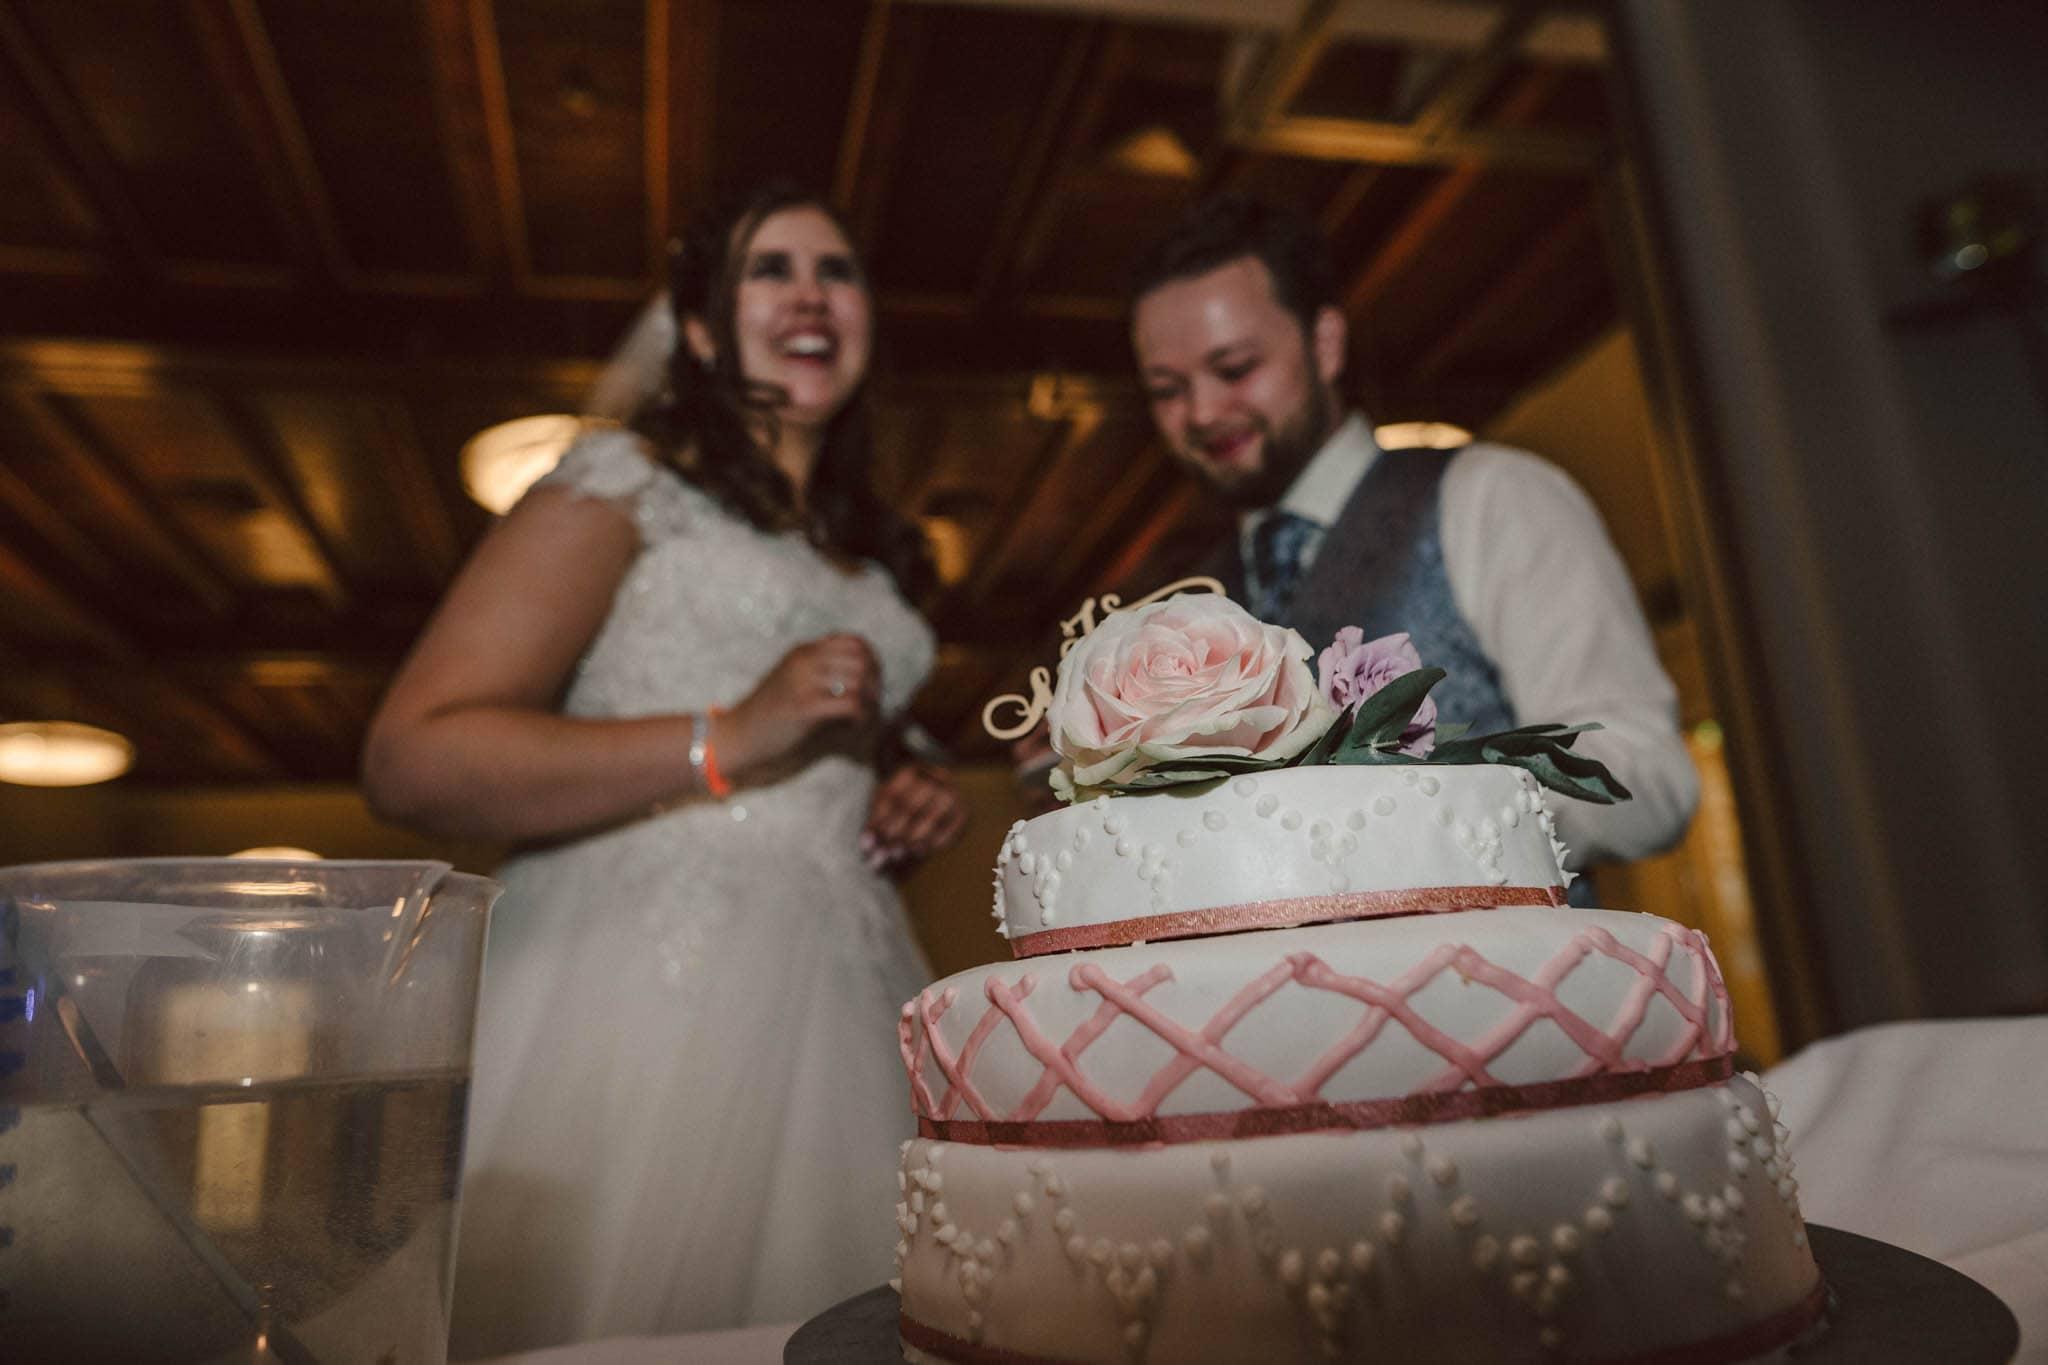 Hochzeitsfieber by Photo-Schomburg, Hochzeitsfotograf, Hamburg, Altona, wedding, Standesamt Altona, Appen, Hochzeitsshooting, Hochzeitstag, Brautpaar-100